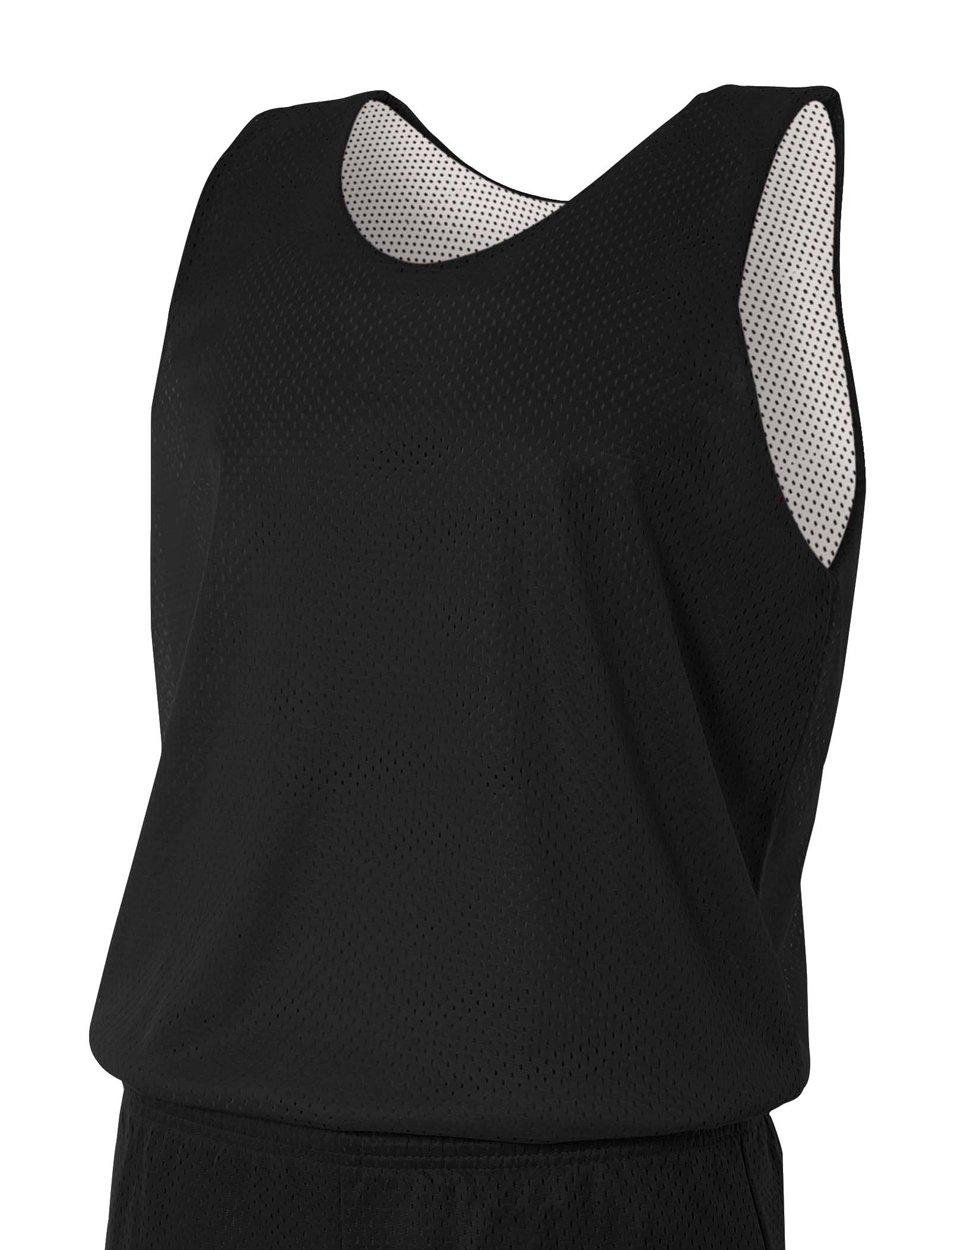 A4 N2206-BLW Reversible Mesh Tank Top, Small, Black/White